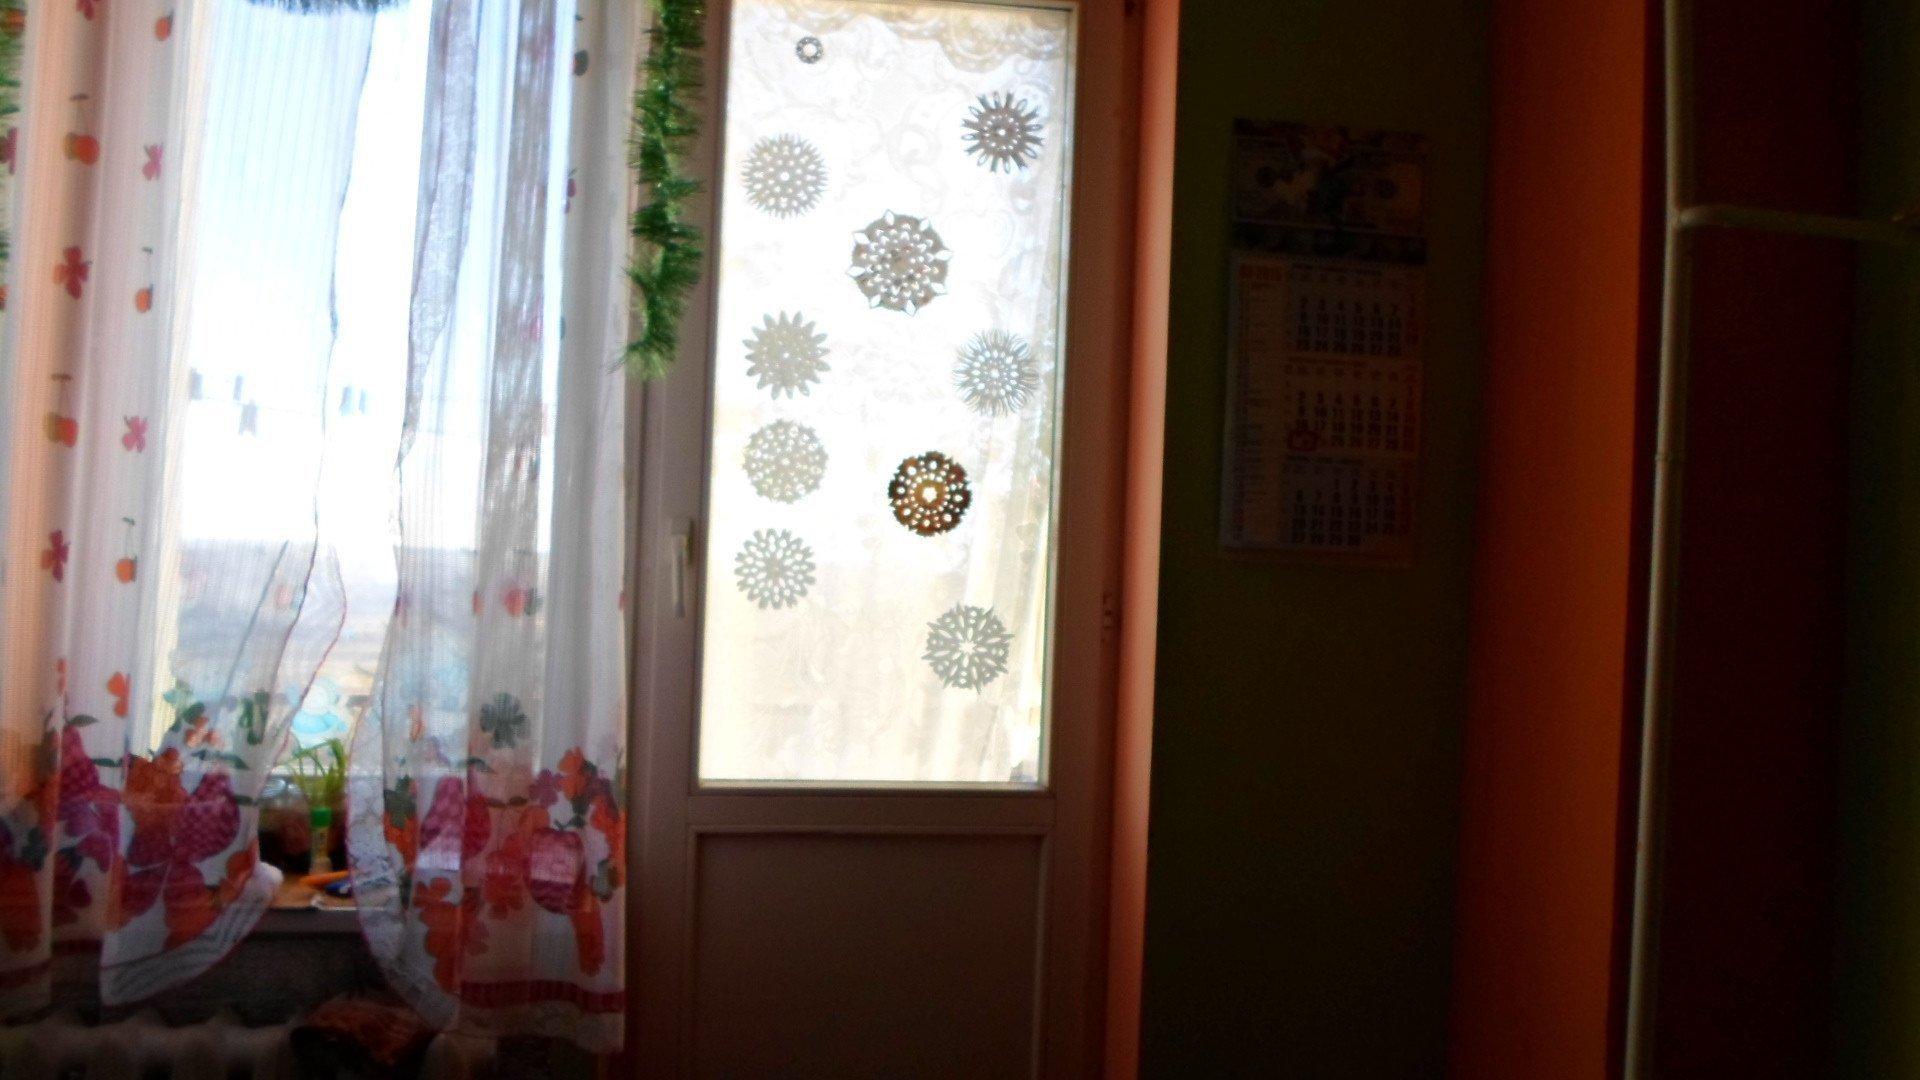 Фото: Продам квартиру в місті Бишів. Оголошення № 5180